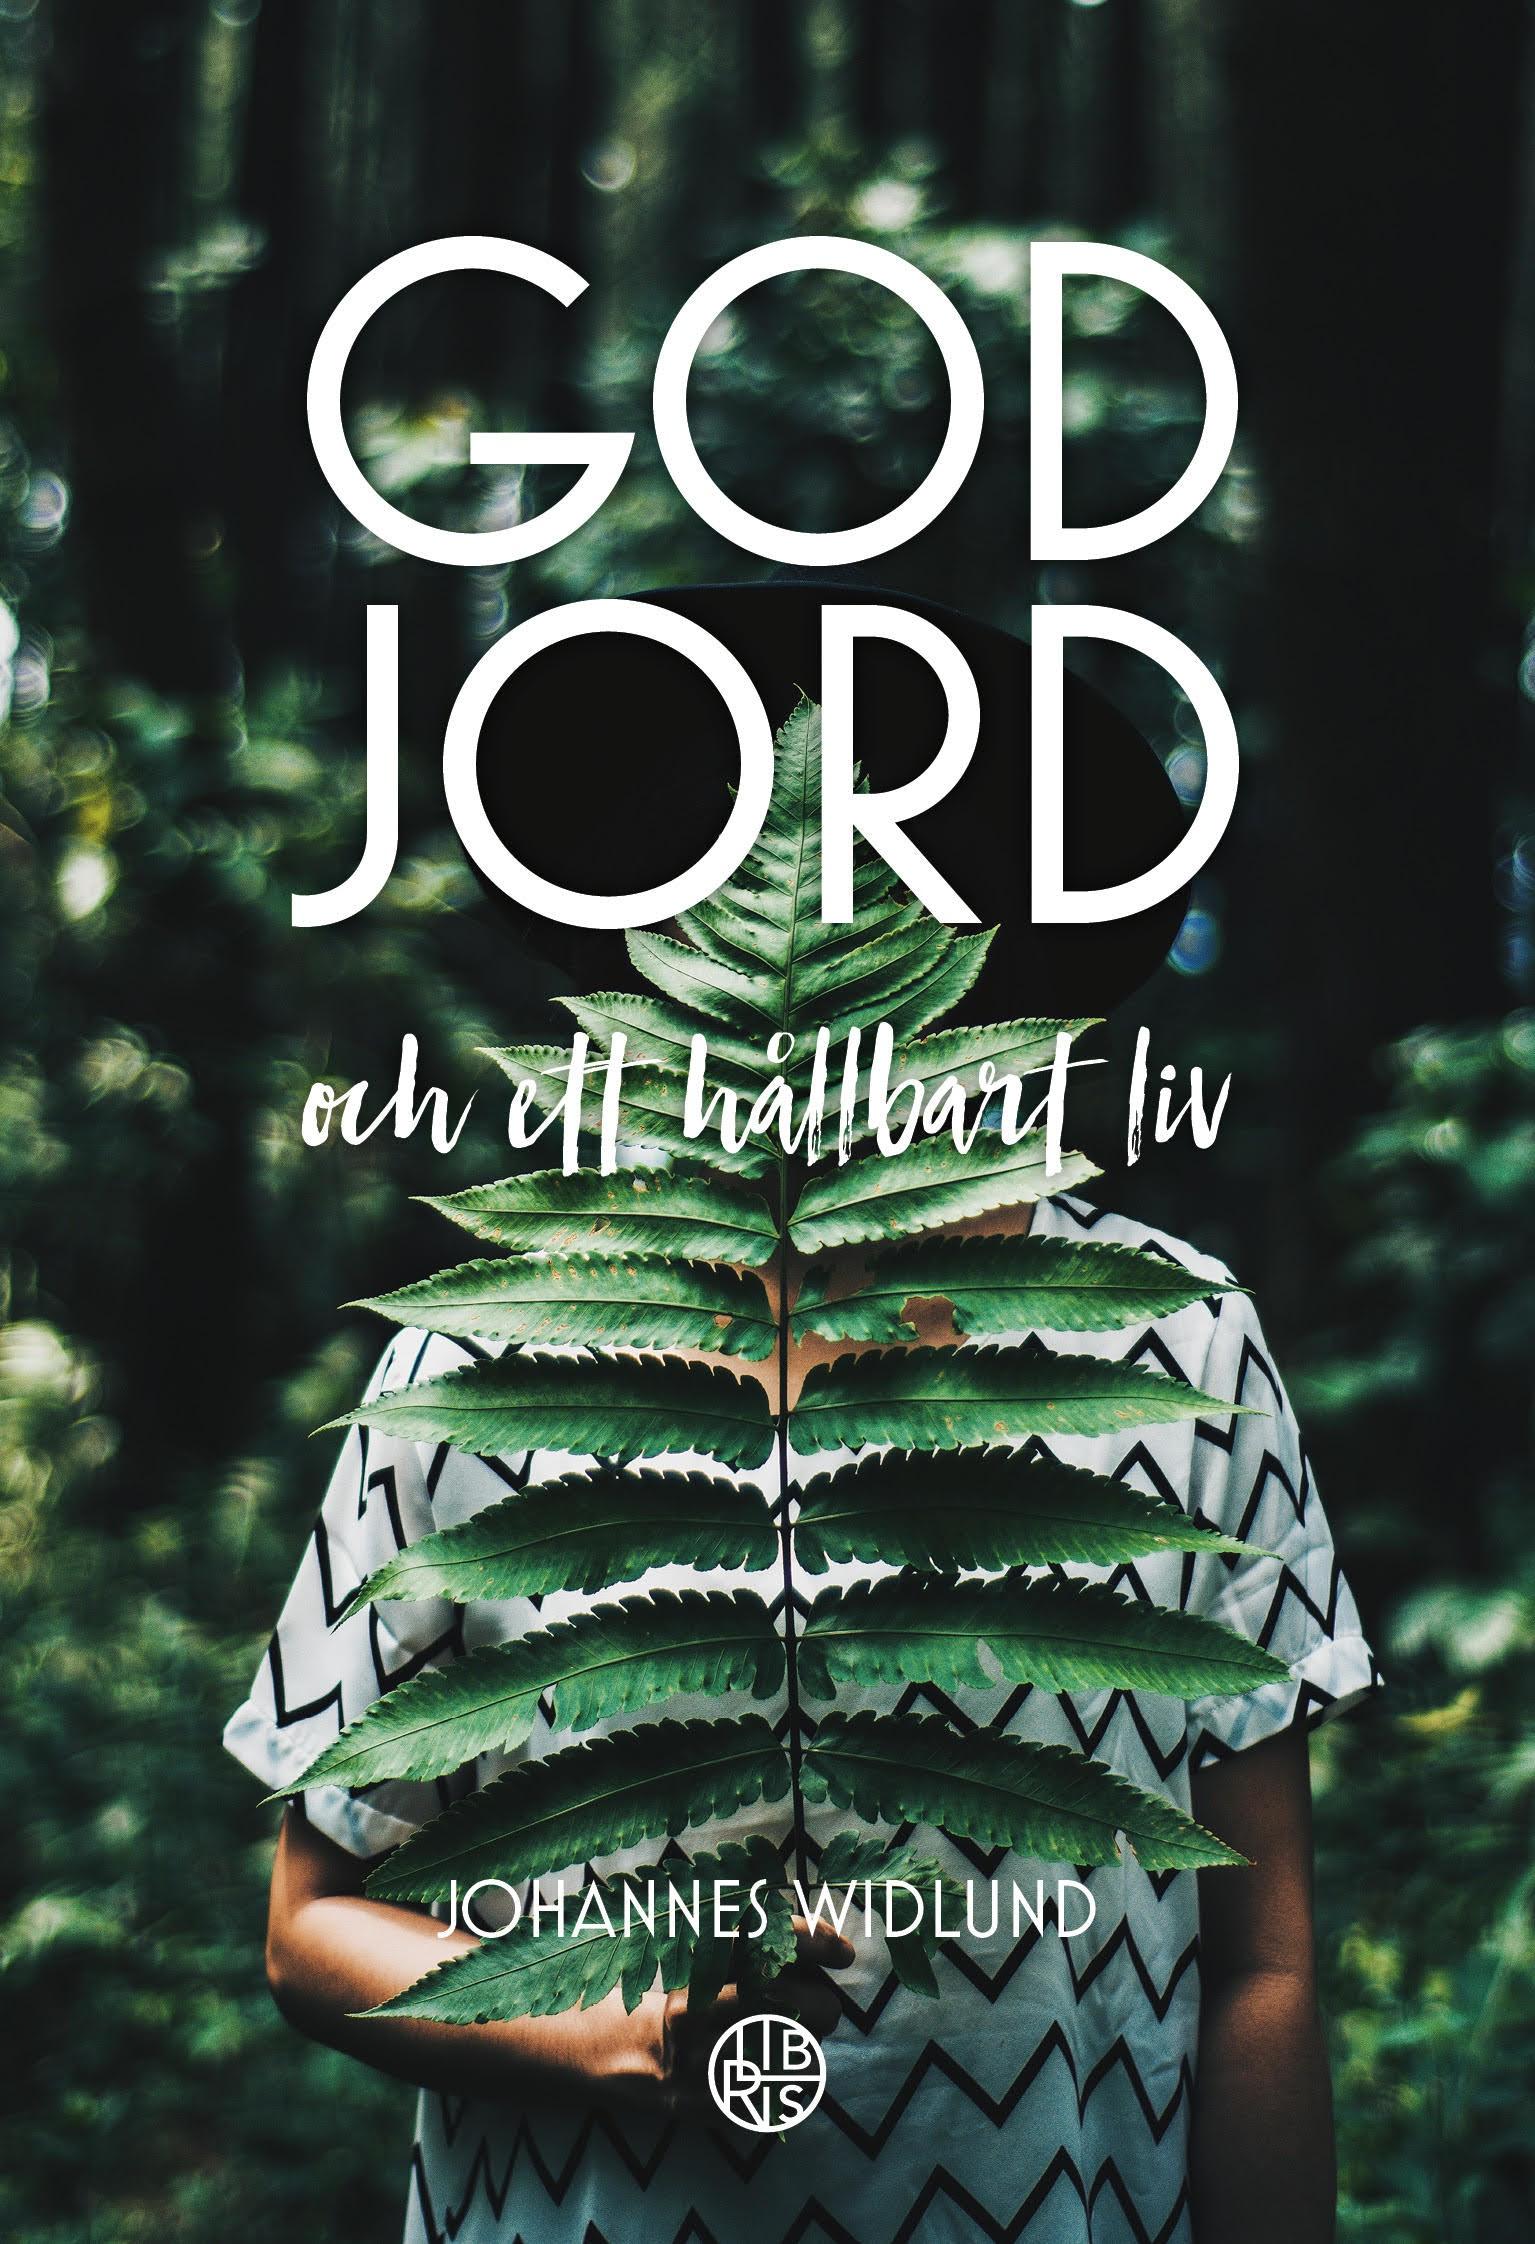 Samtalsguide till boken God jord och ett hållbart liv